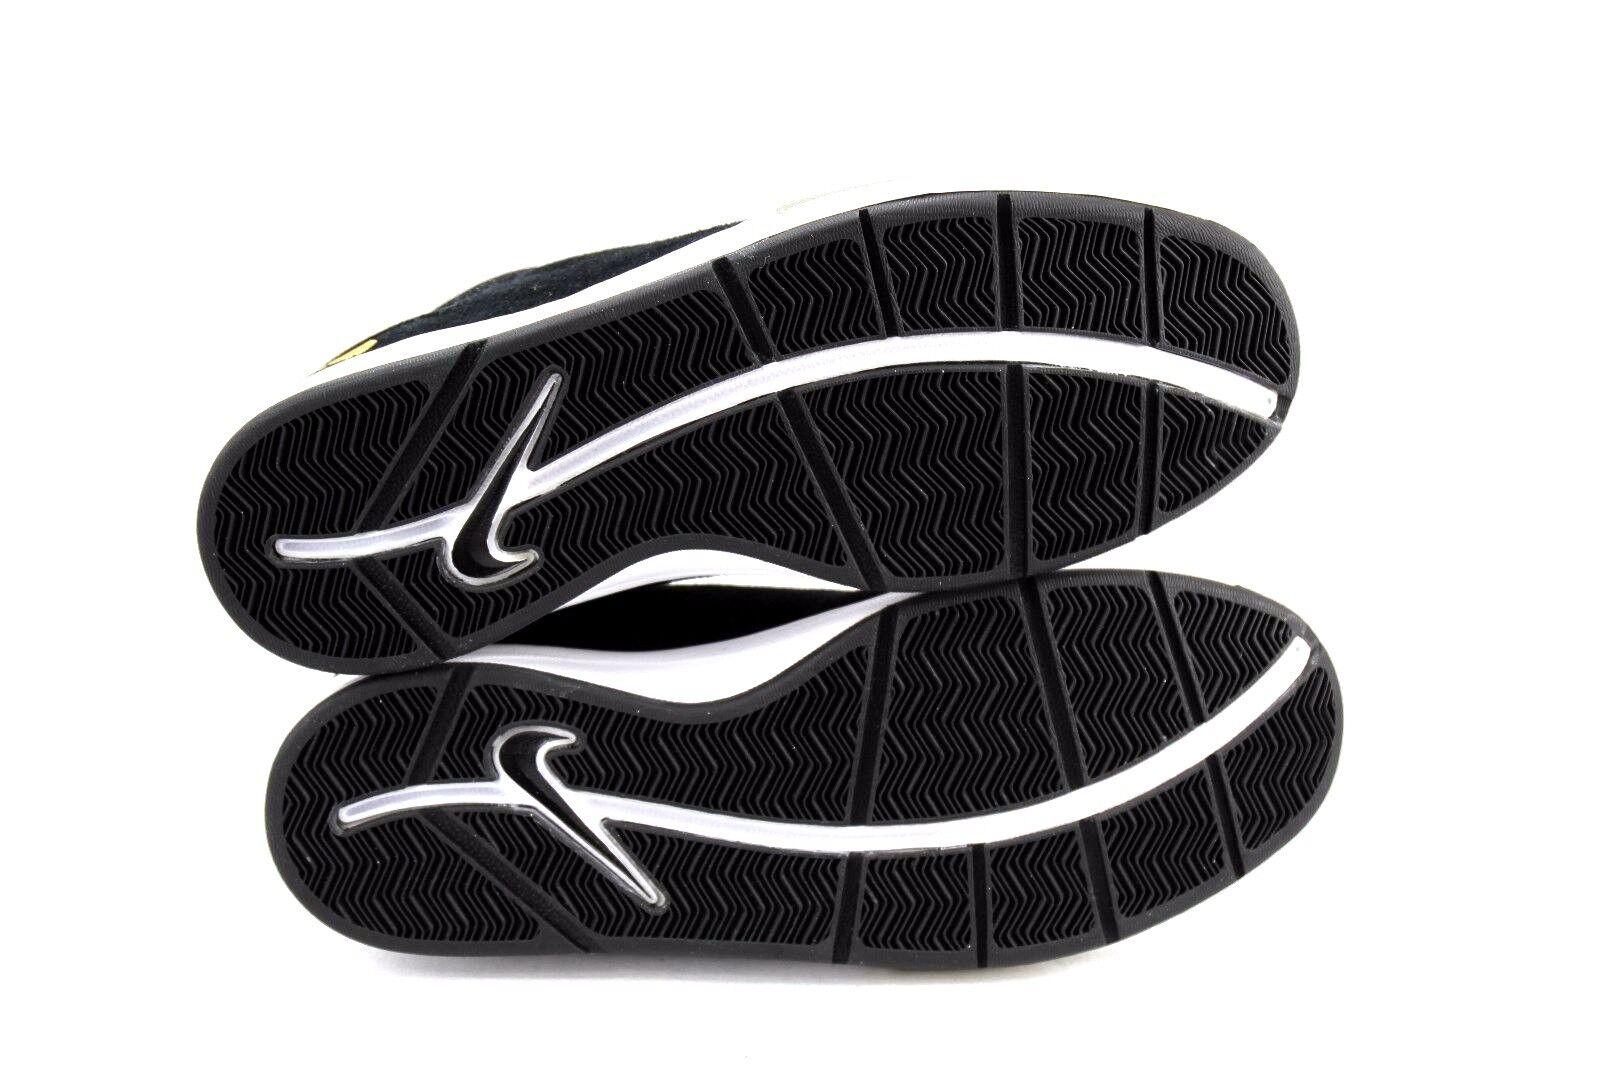 Nike zoom fp 415210-003 größe: schwarz / metallisches gold männer größe: 415210-003 8,5 59eb7e